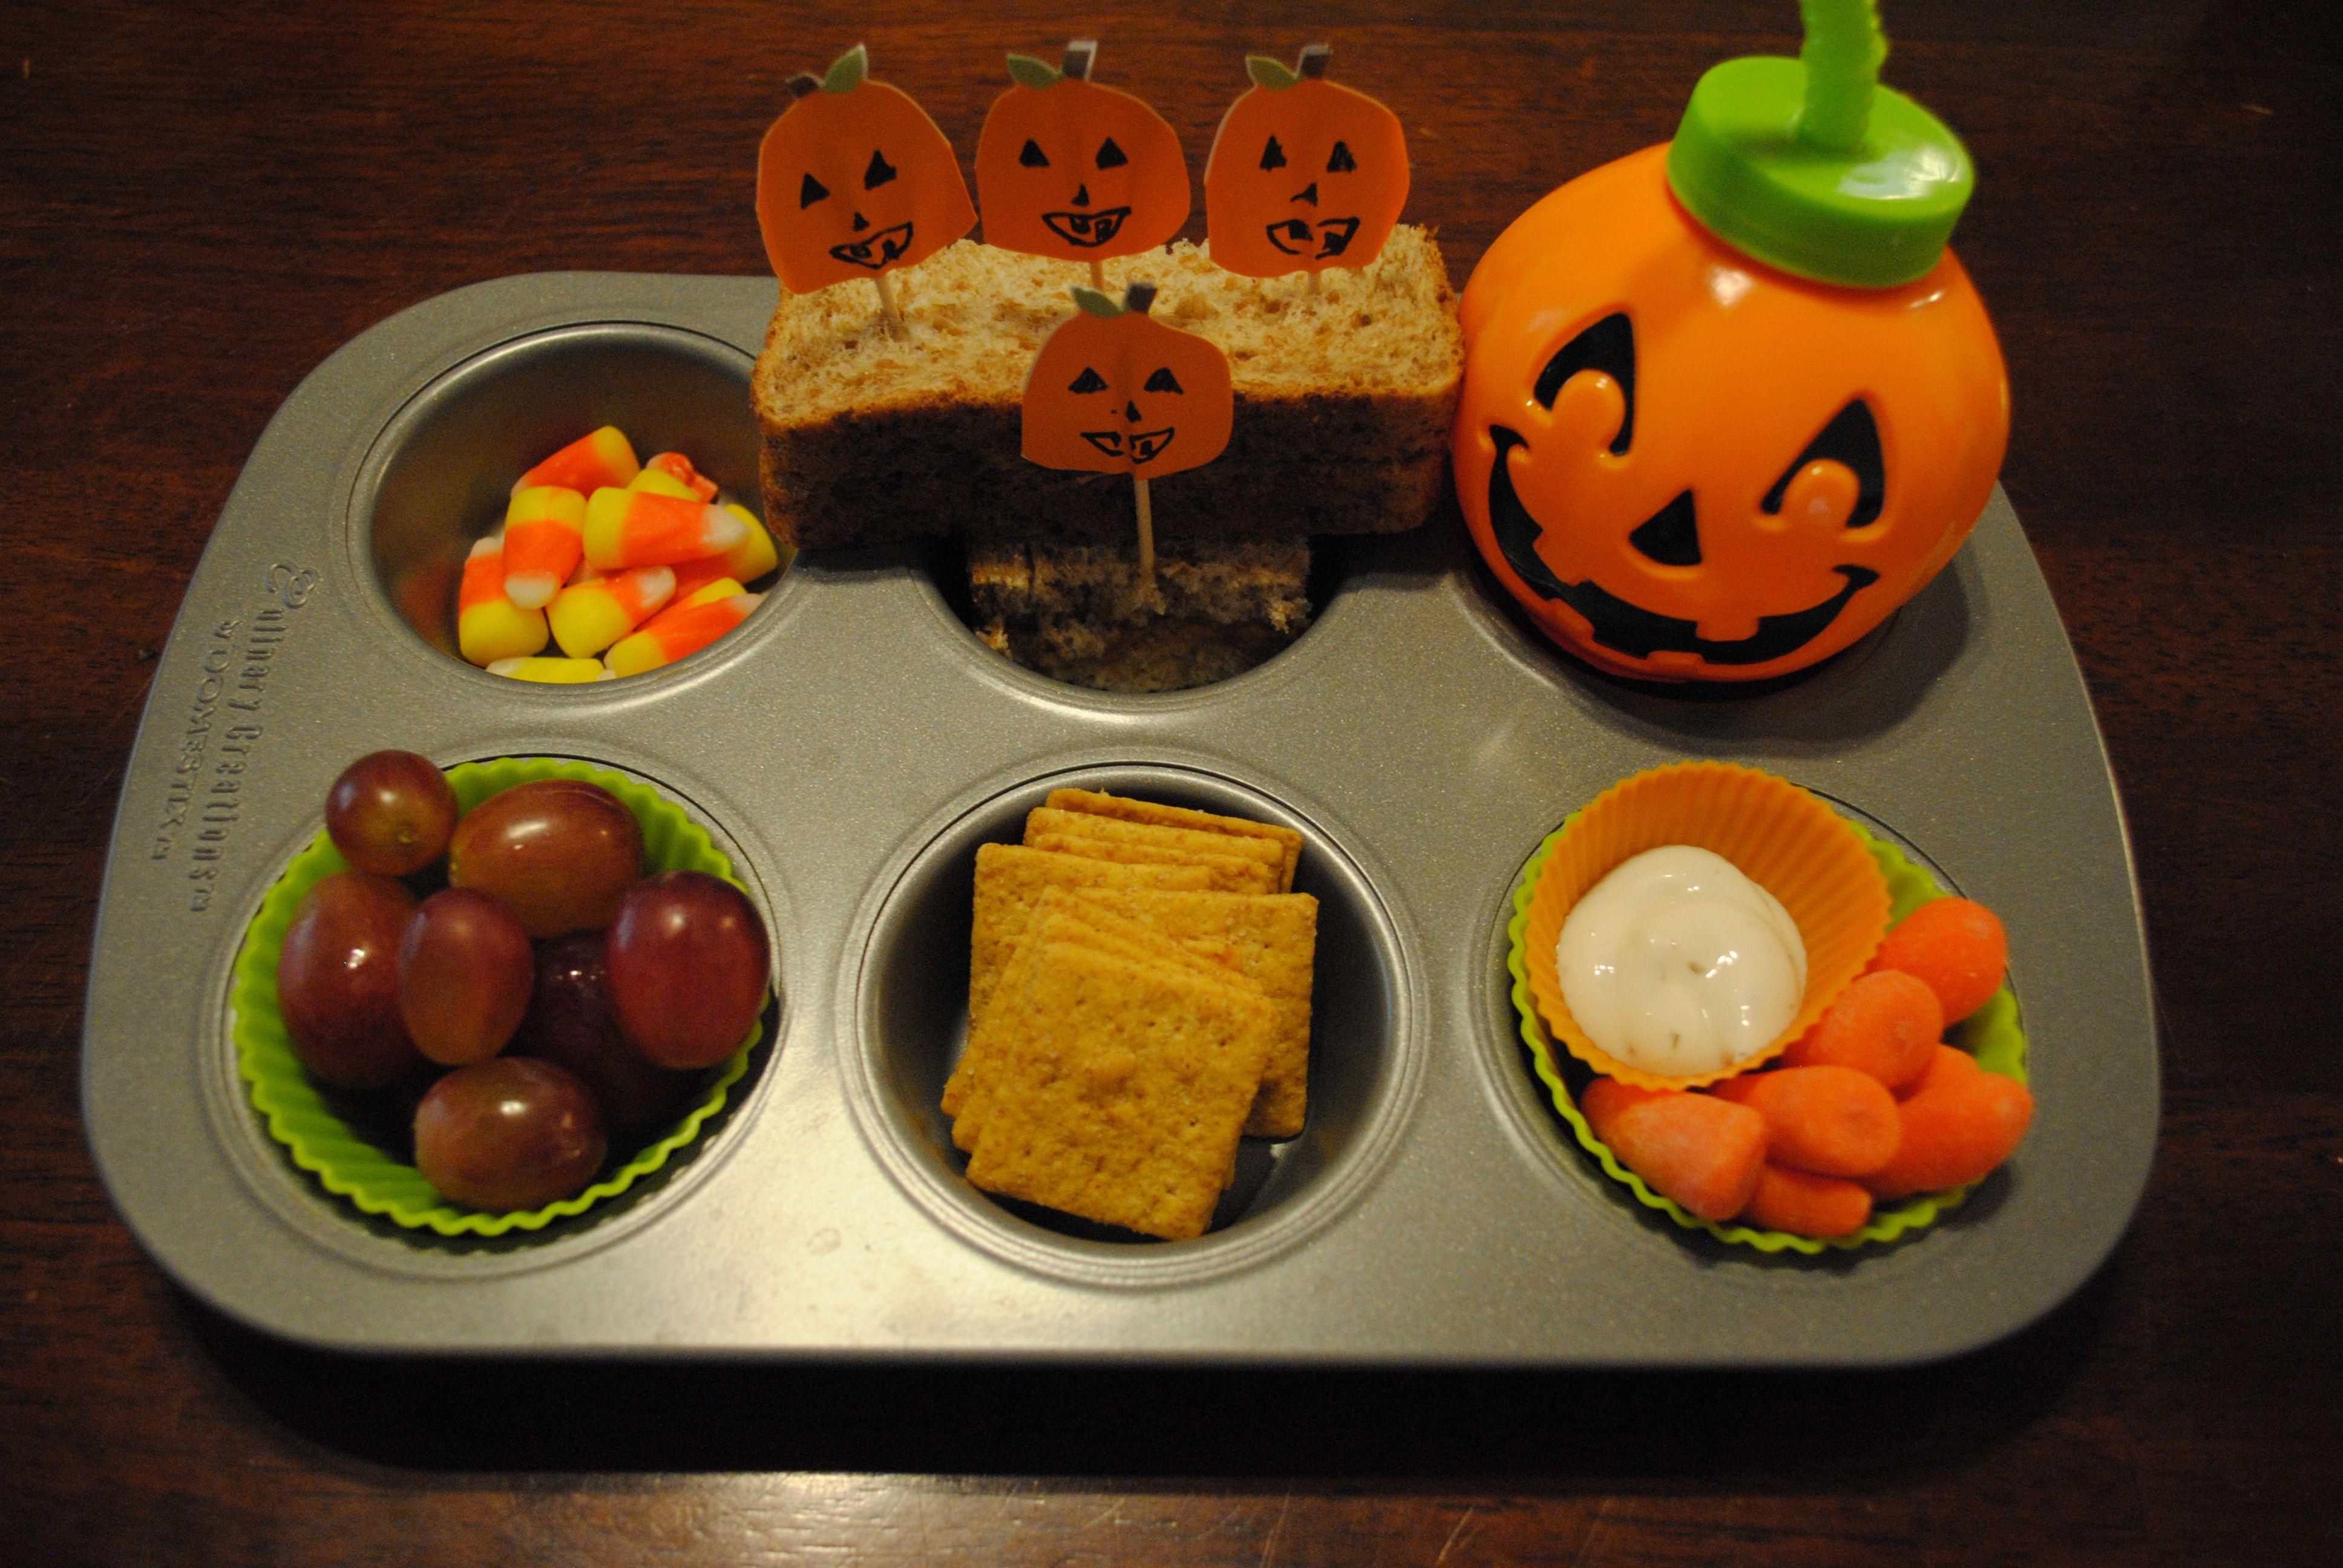 Muffin Tin Monday 5 Little Pumpkins